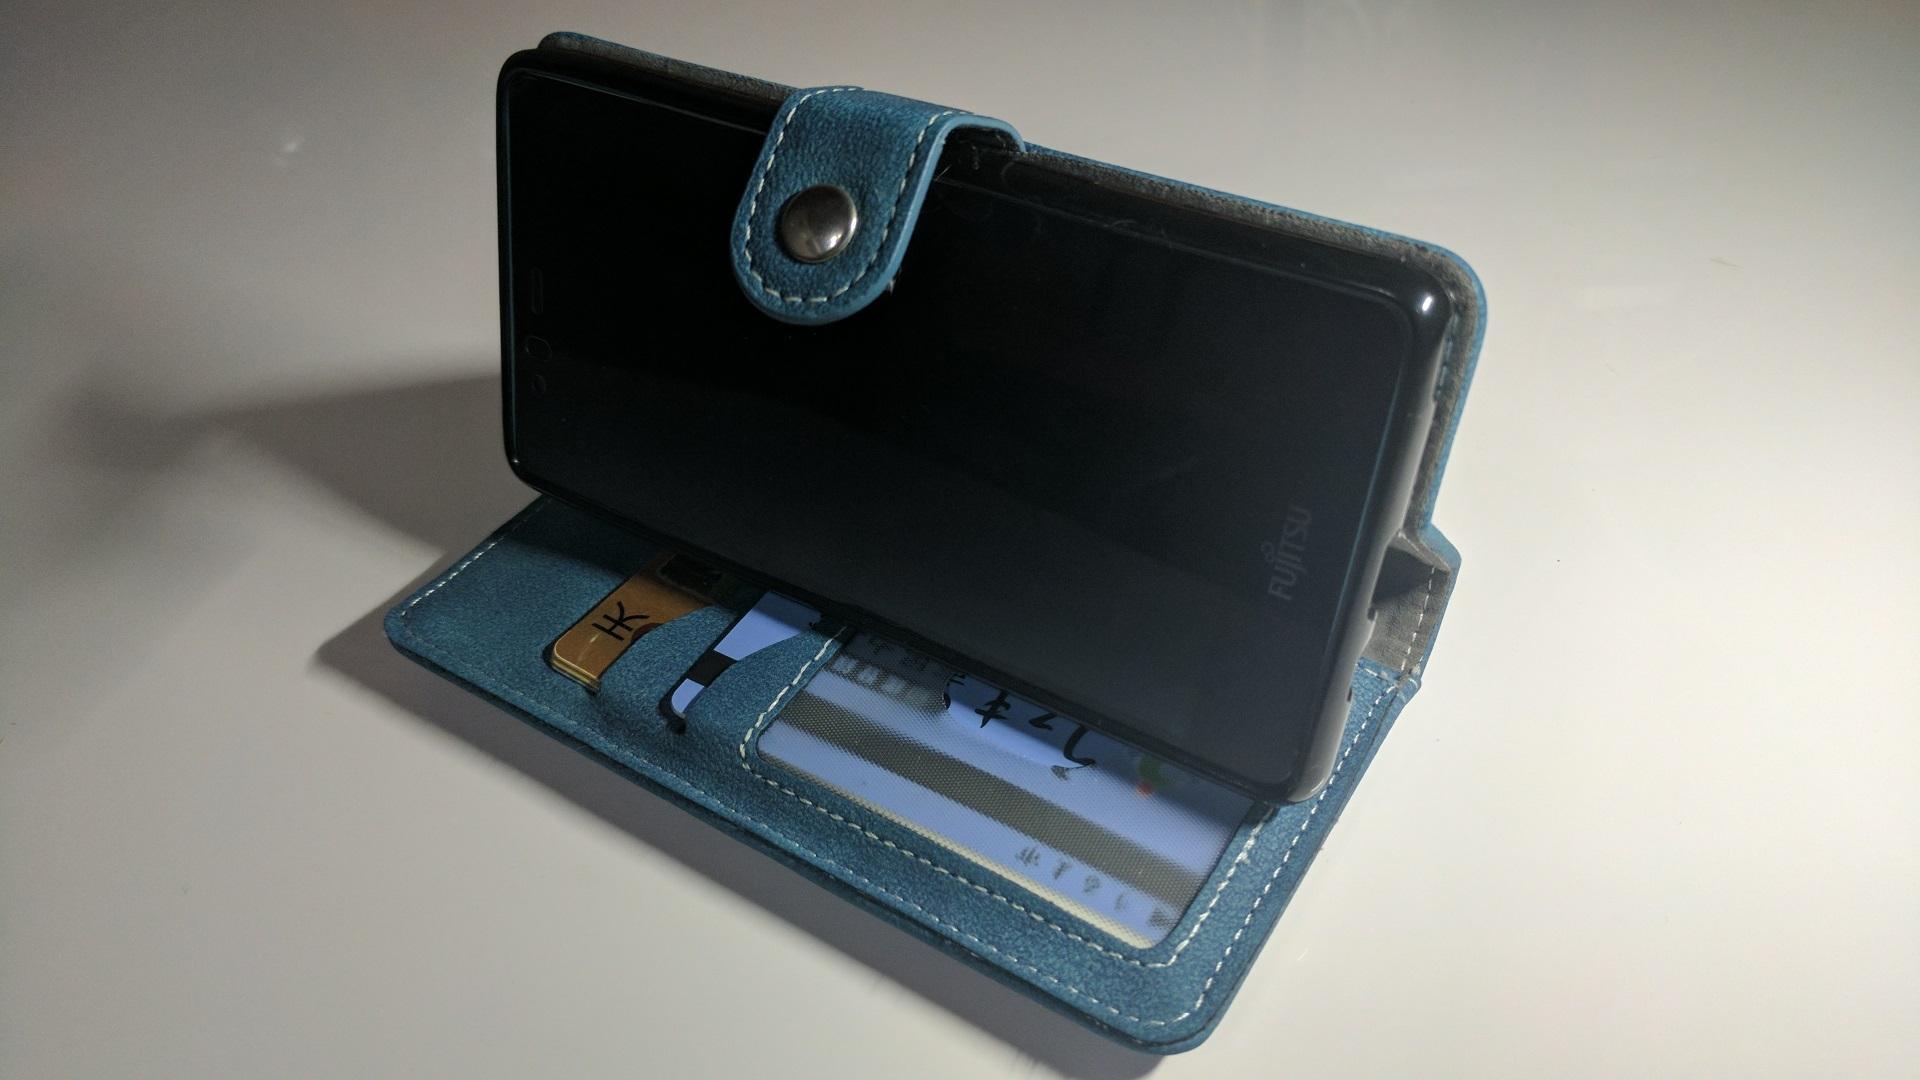 スライドカードポケットが便利な「arrows M03」用PLATAソフトレザーケースレビュー、お財布事情がガラッと変わりました